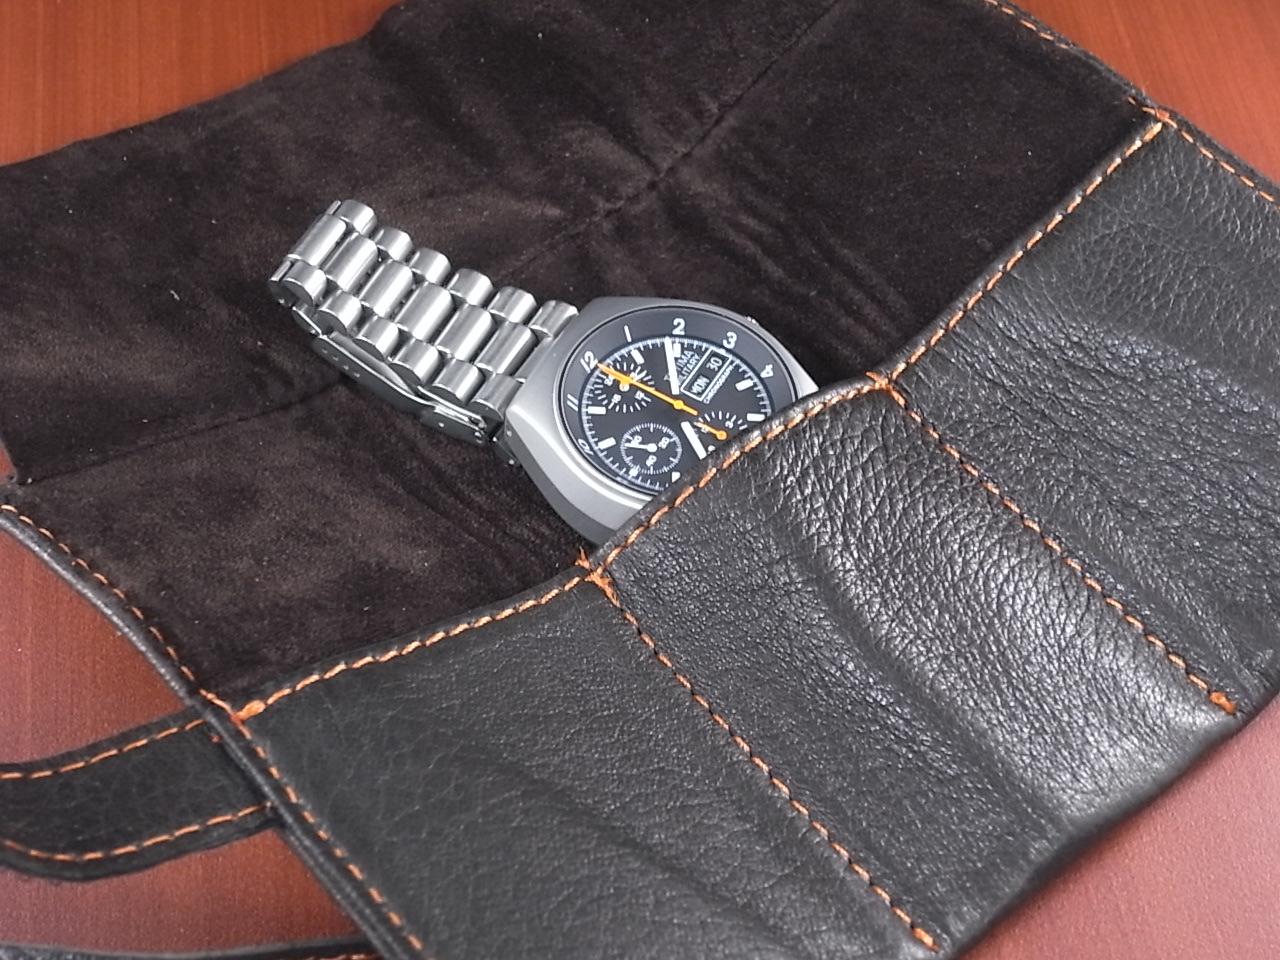 本革時計ケース 携帯タイプ 3本用 イタリア製 焦茶 オレンジステッチの写真4枚目